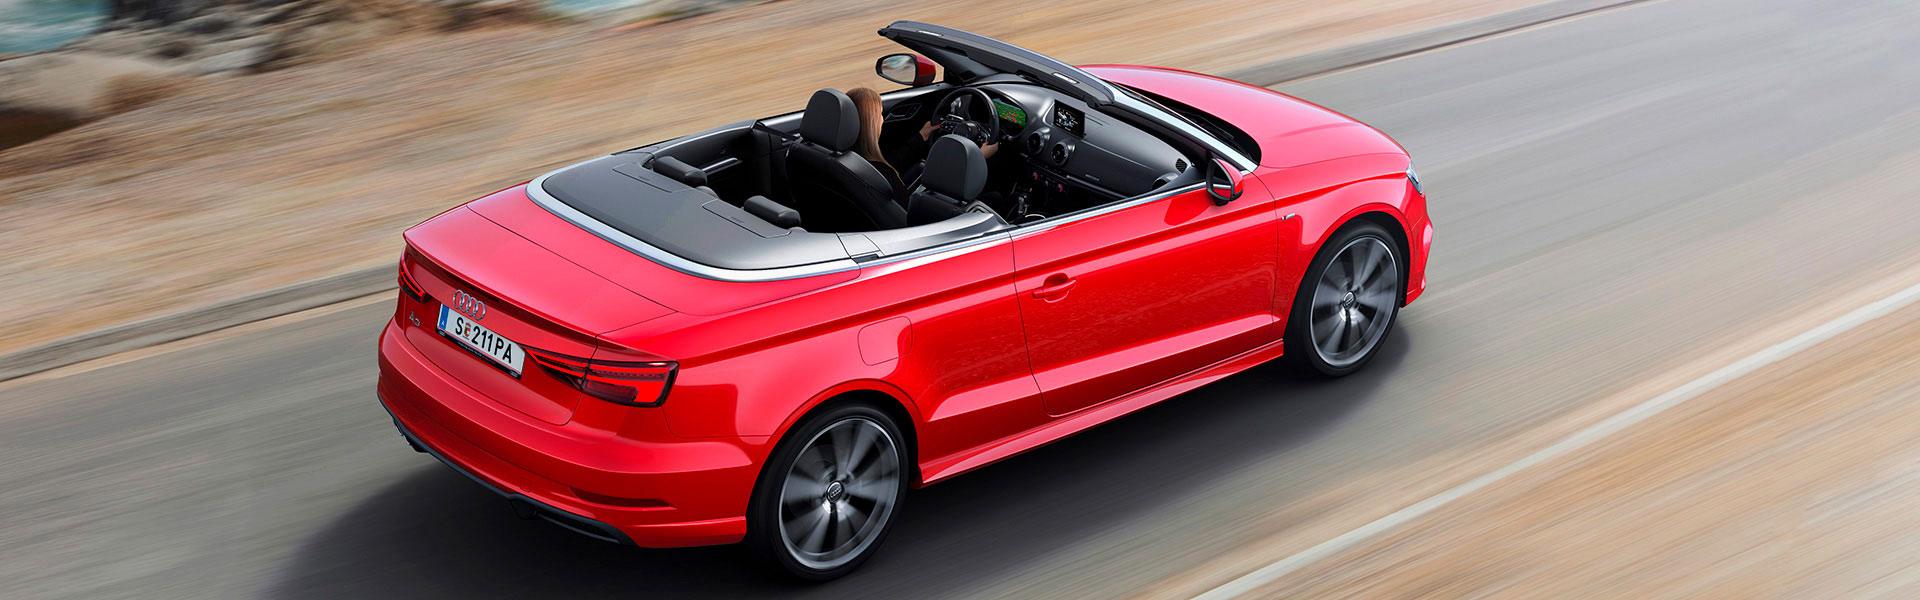 Audi_A3_Cabriolet-last-aut2.jpg